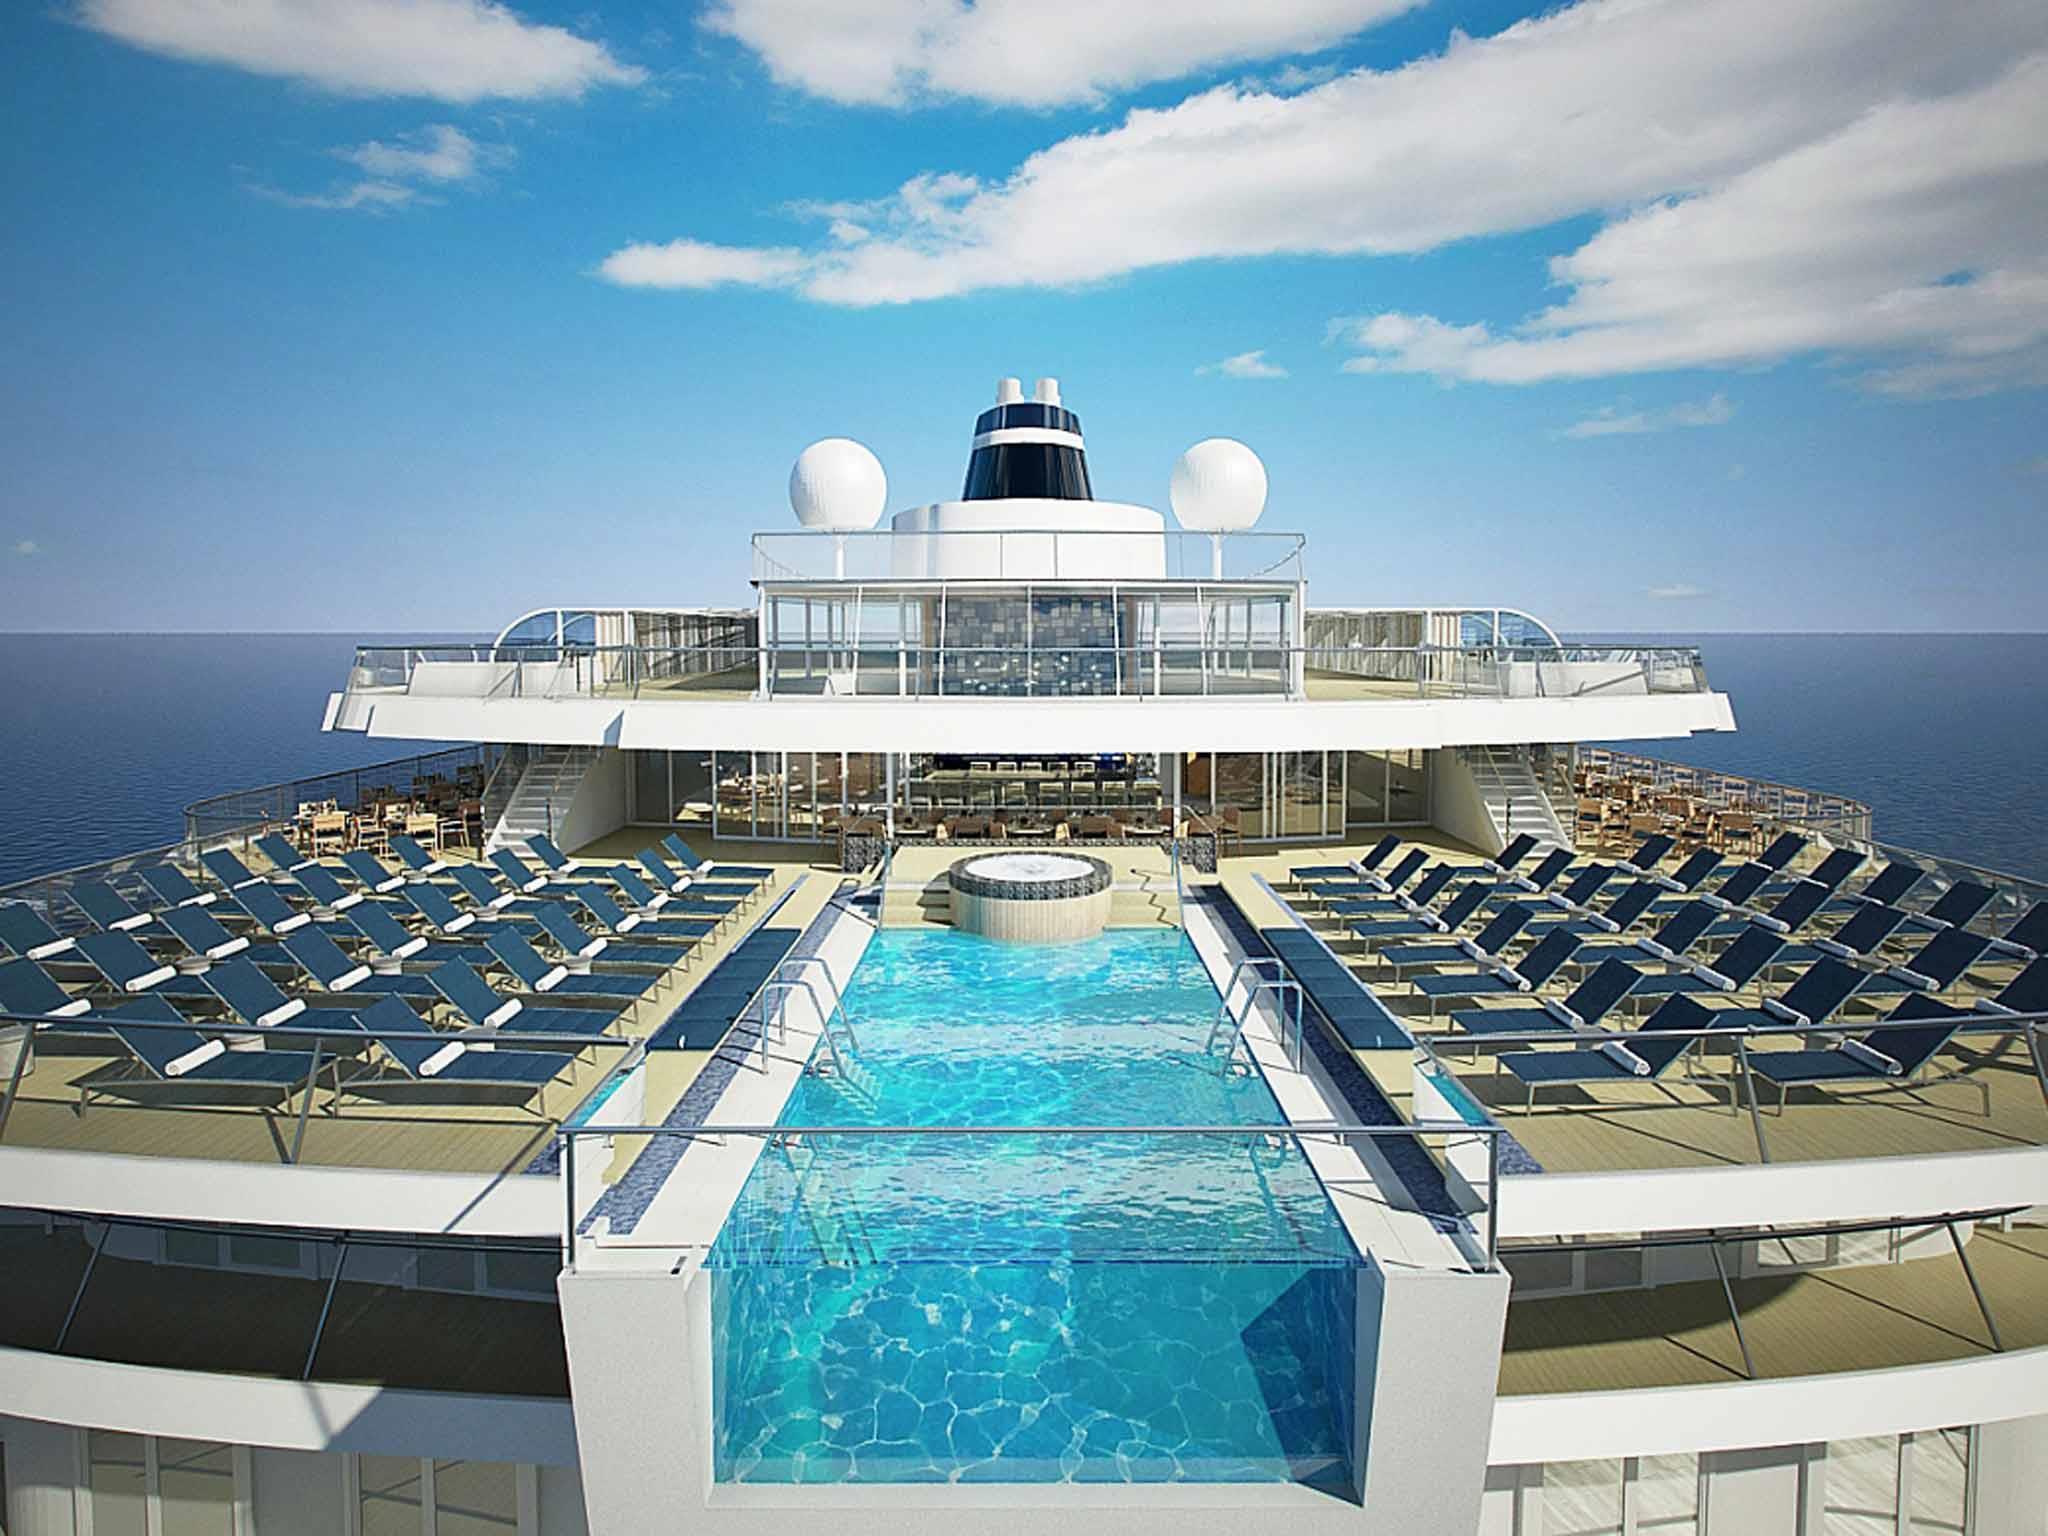 Những du thuyền sang trọng nhất thế giới, lên đến 80.000 USD/tour Ảnh 4